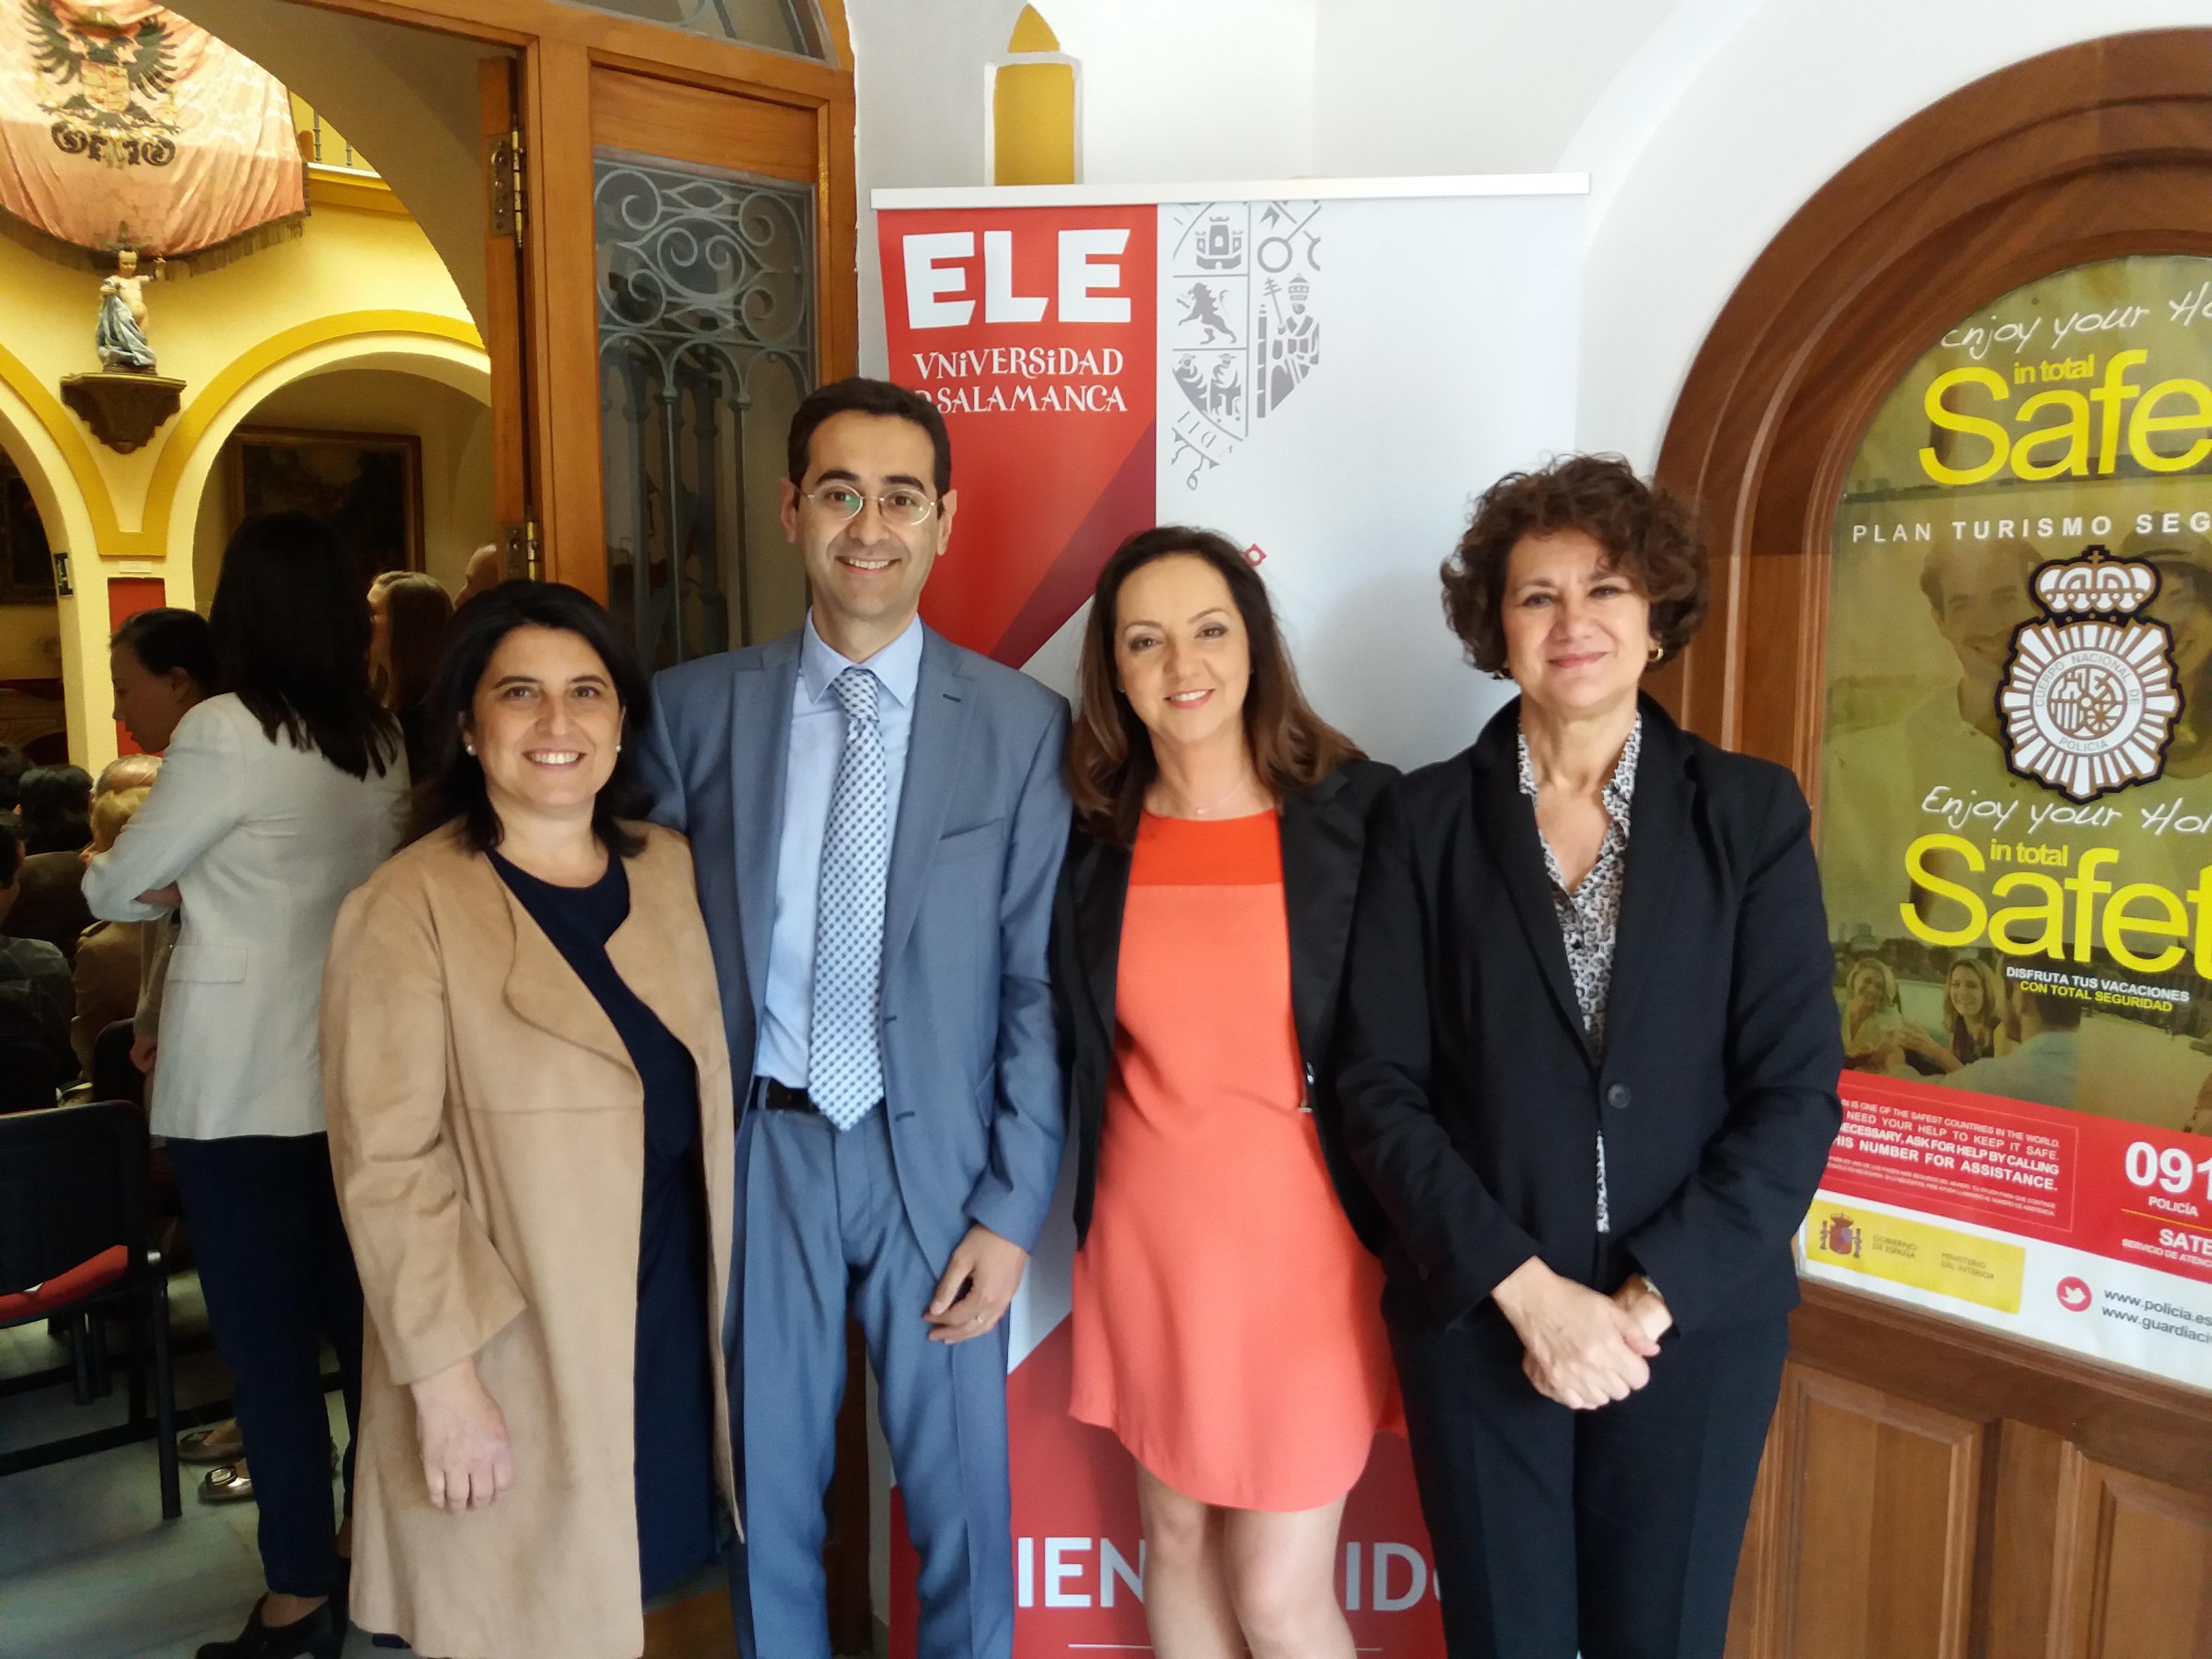 La Universidad de Salamanca inaugura su sexta Escuela de Lengua Española en Estepona